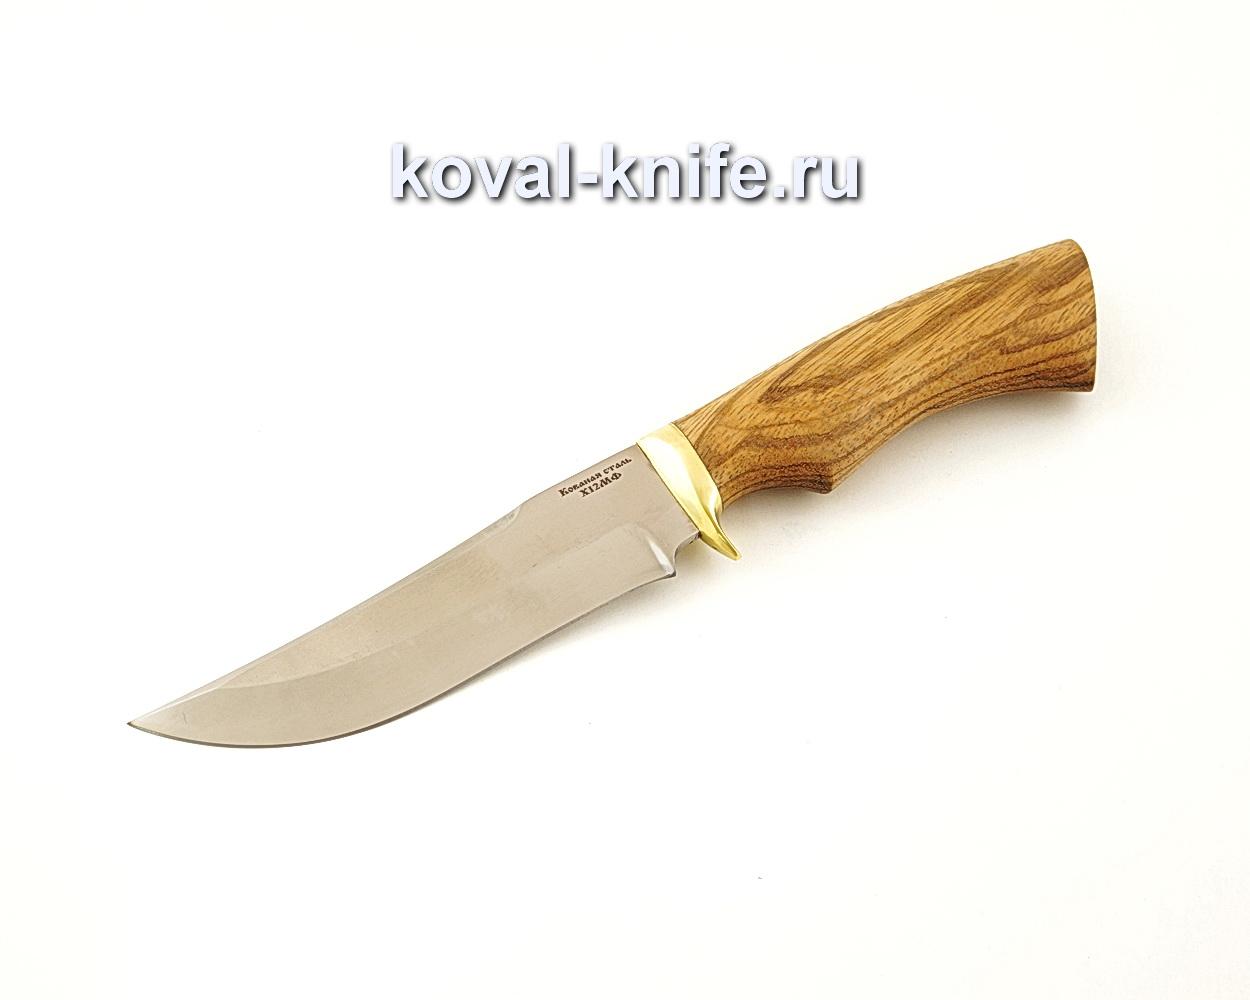 Нож Клыч из кованой стали Х12МФ с рукоятью из зебрано  A643